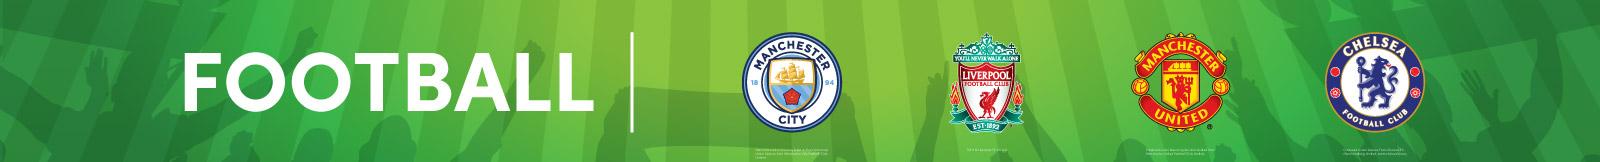 Licensed Football Banner